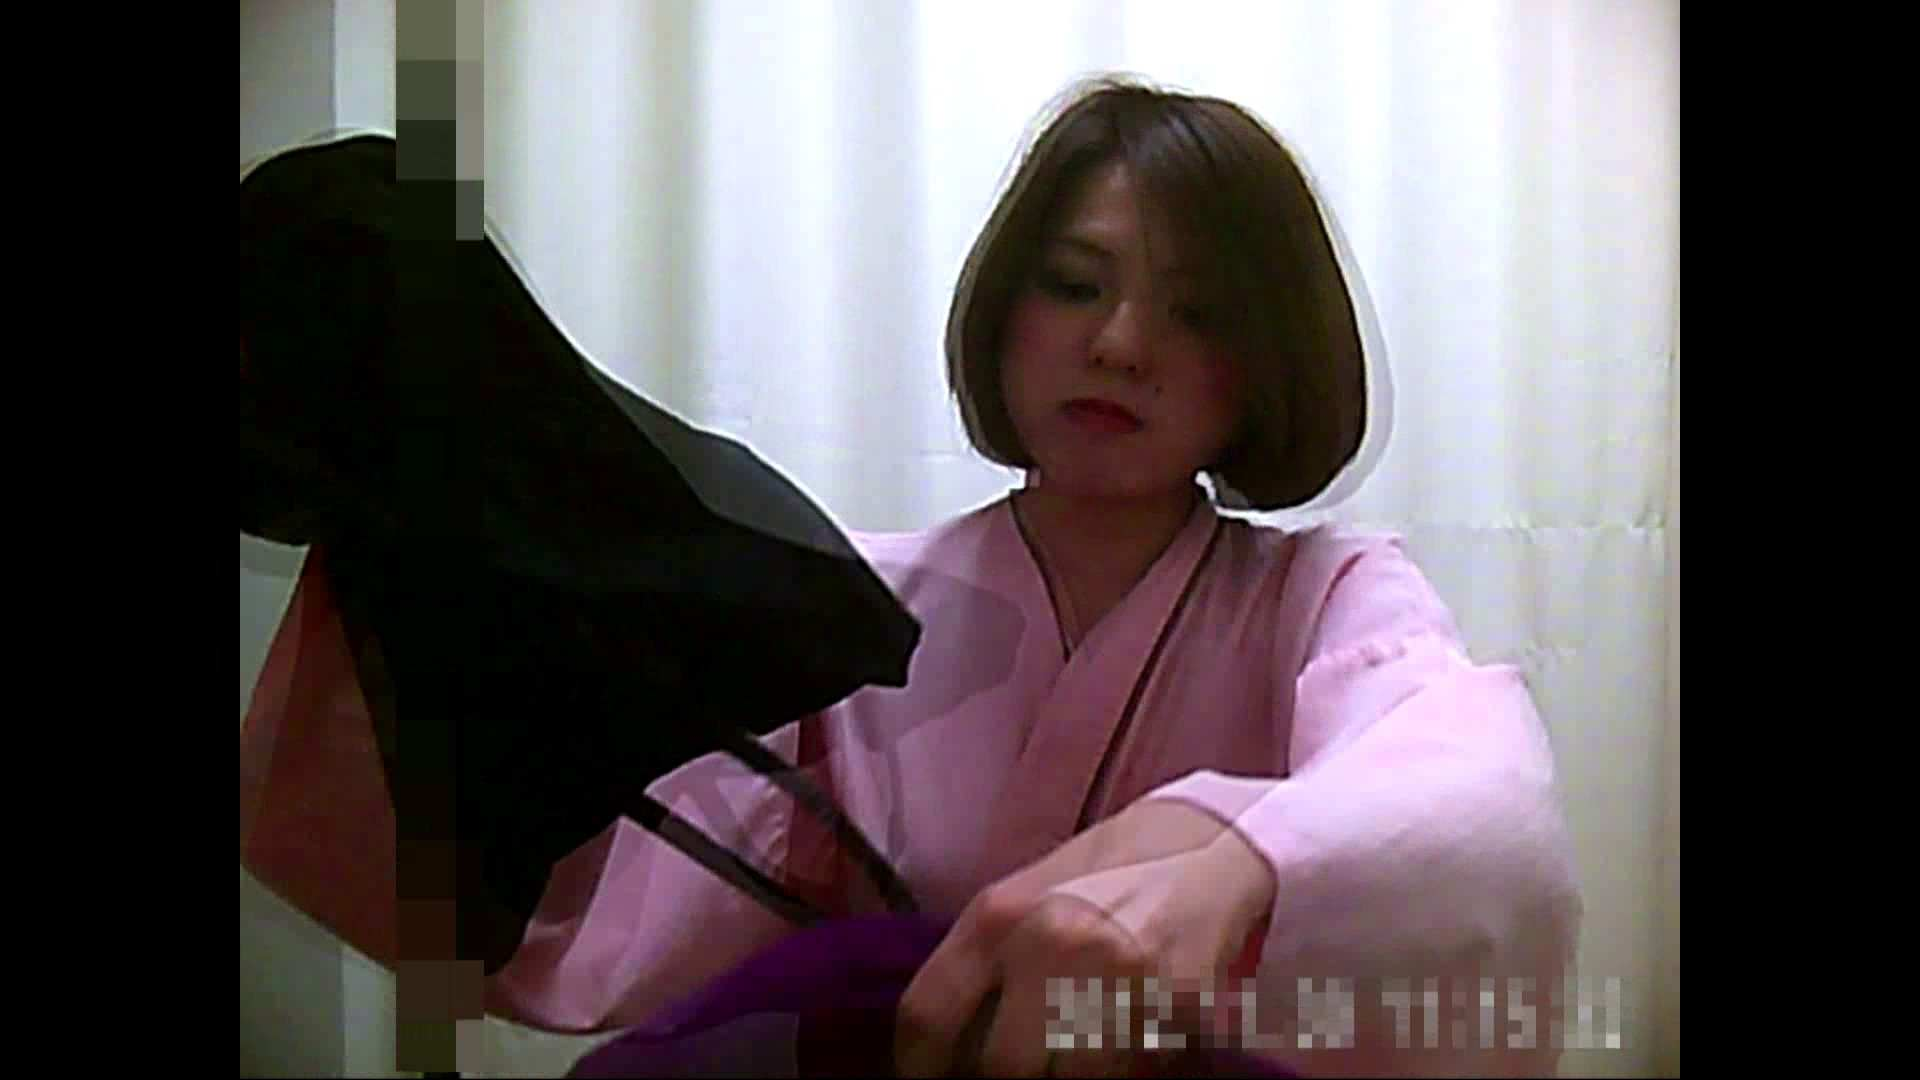 病院おもいっきり着替え! vol.165 乳首 盗み撮りオマンコ動画キャプチャ 81pic 4